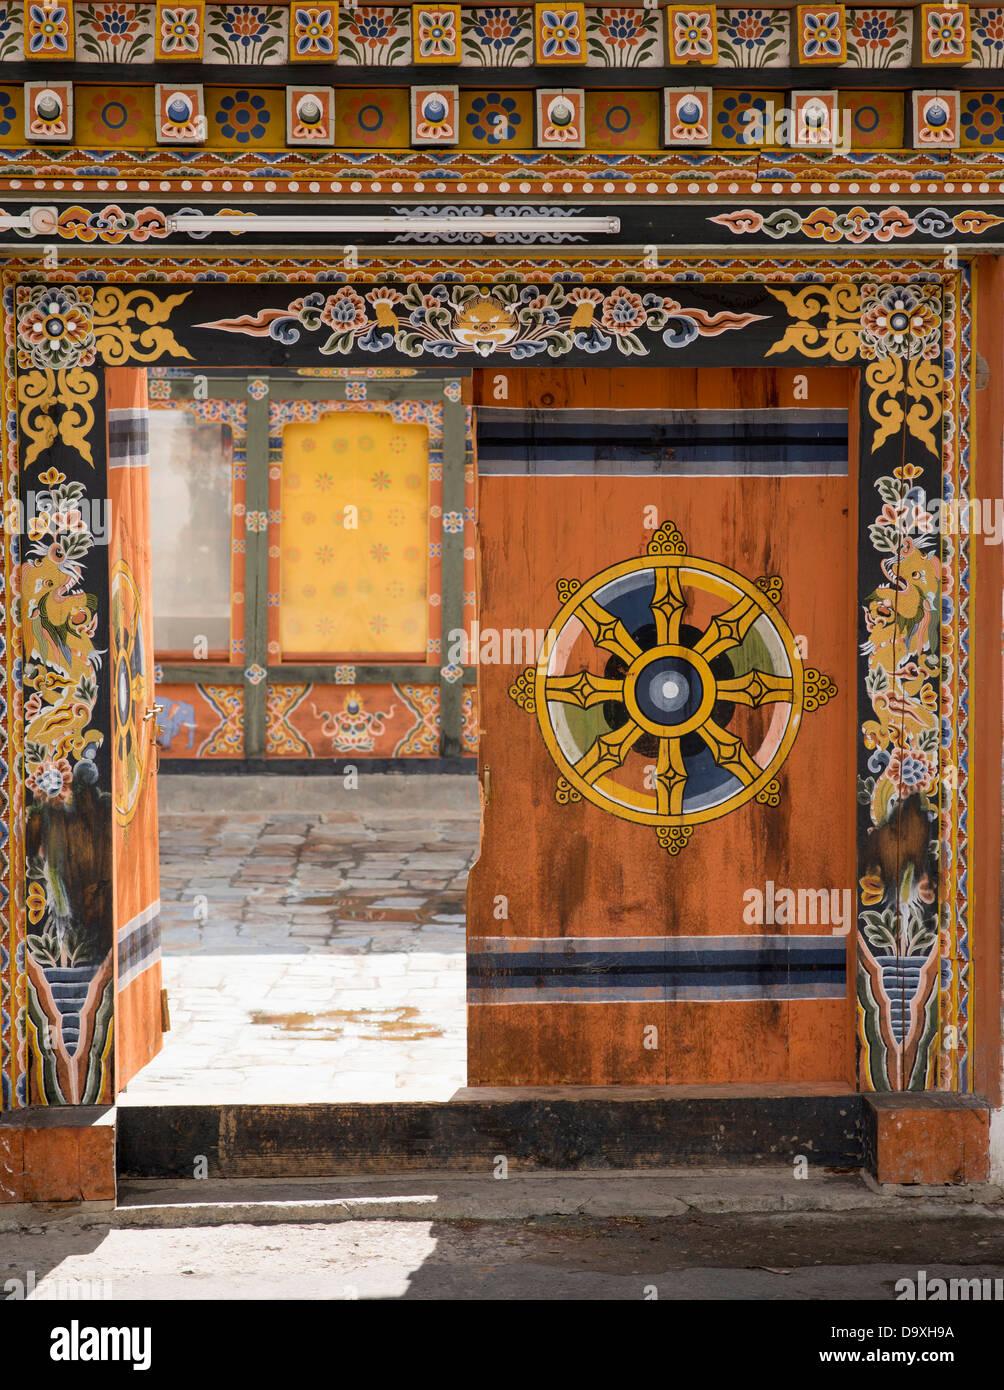 Bhutan, Gate of Lamey Goemba Palace - Stock Image